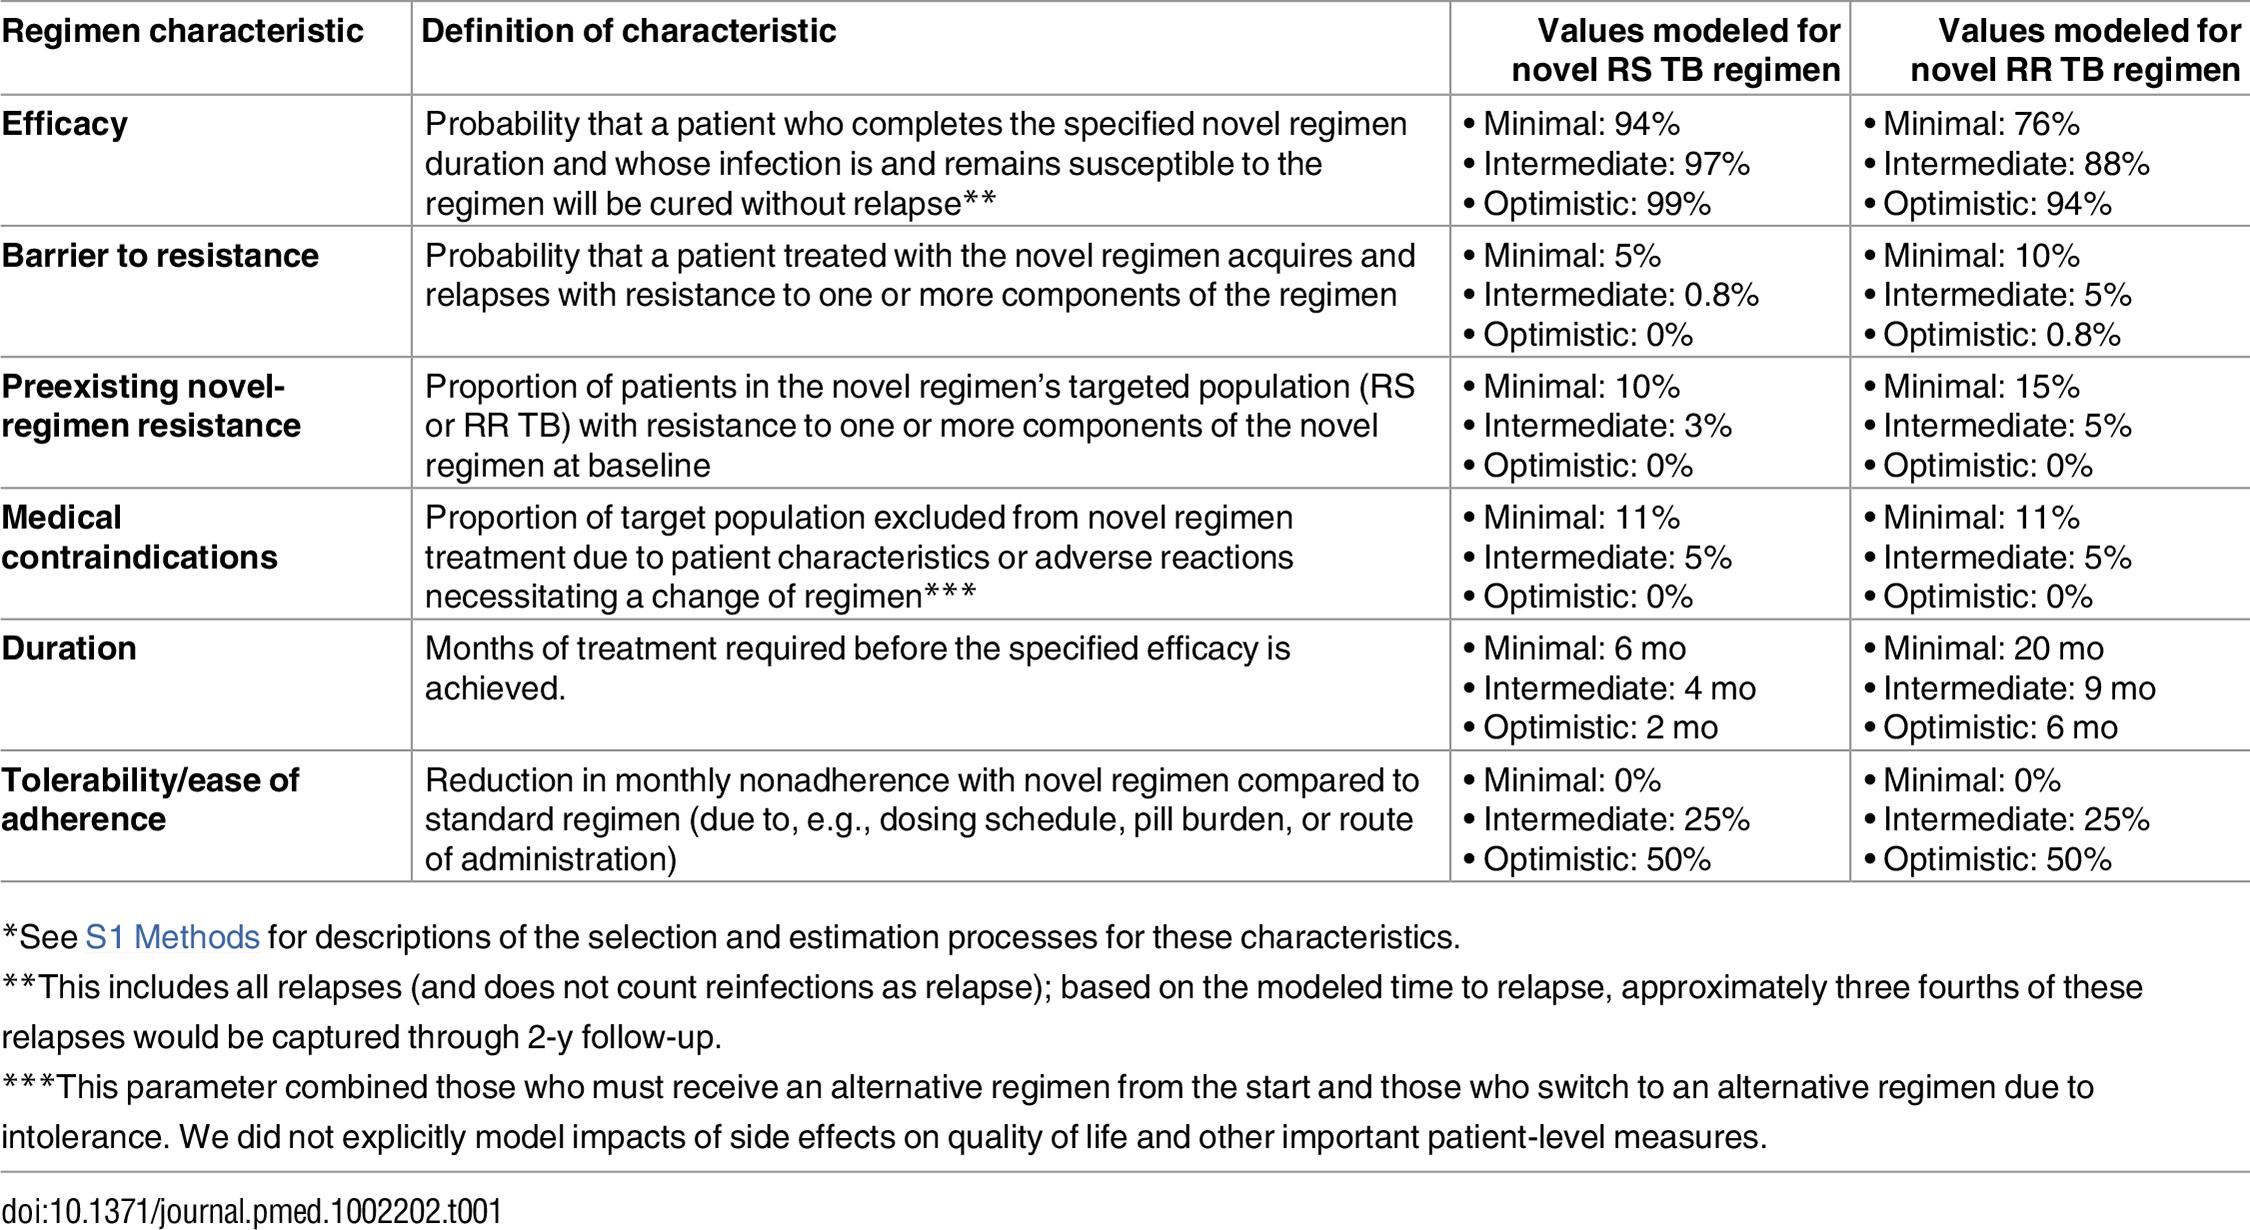 Modeled novel regimen characteristics and target values<em class=&quot;ref&quot;><sup>*</sup></em>.